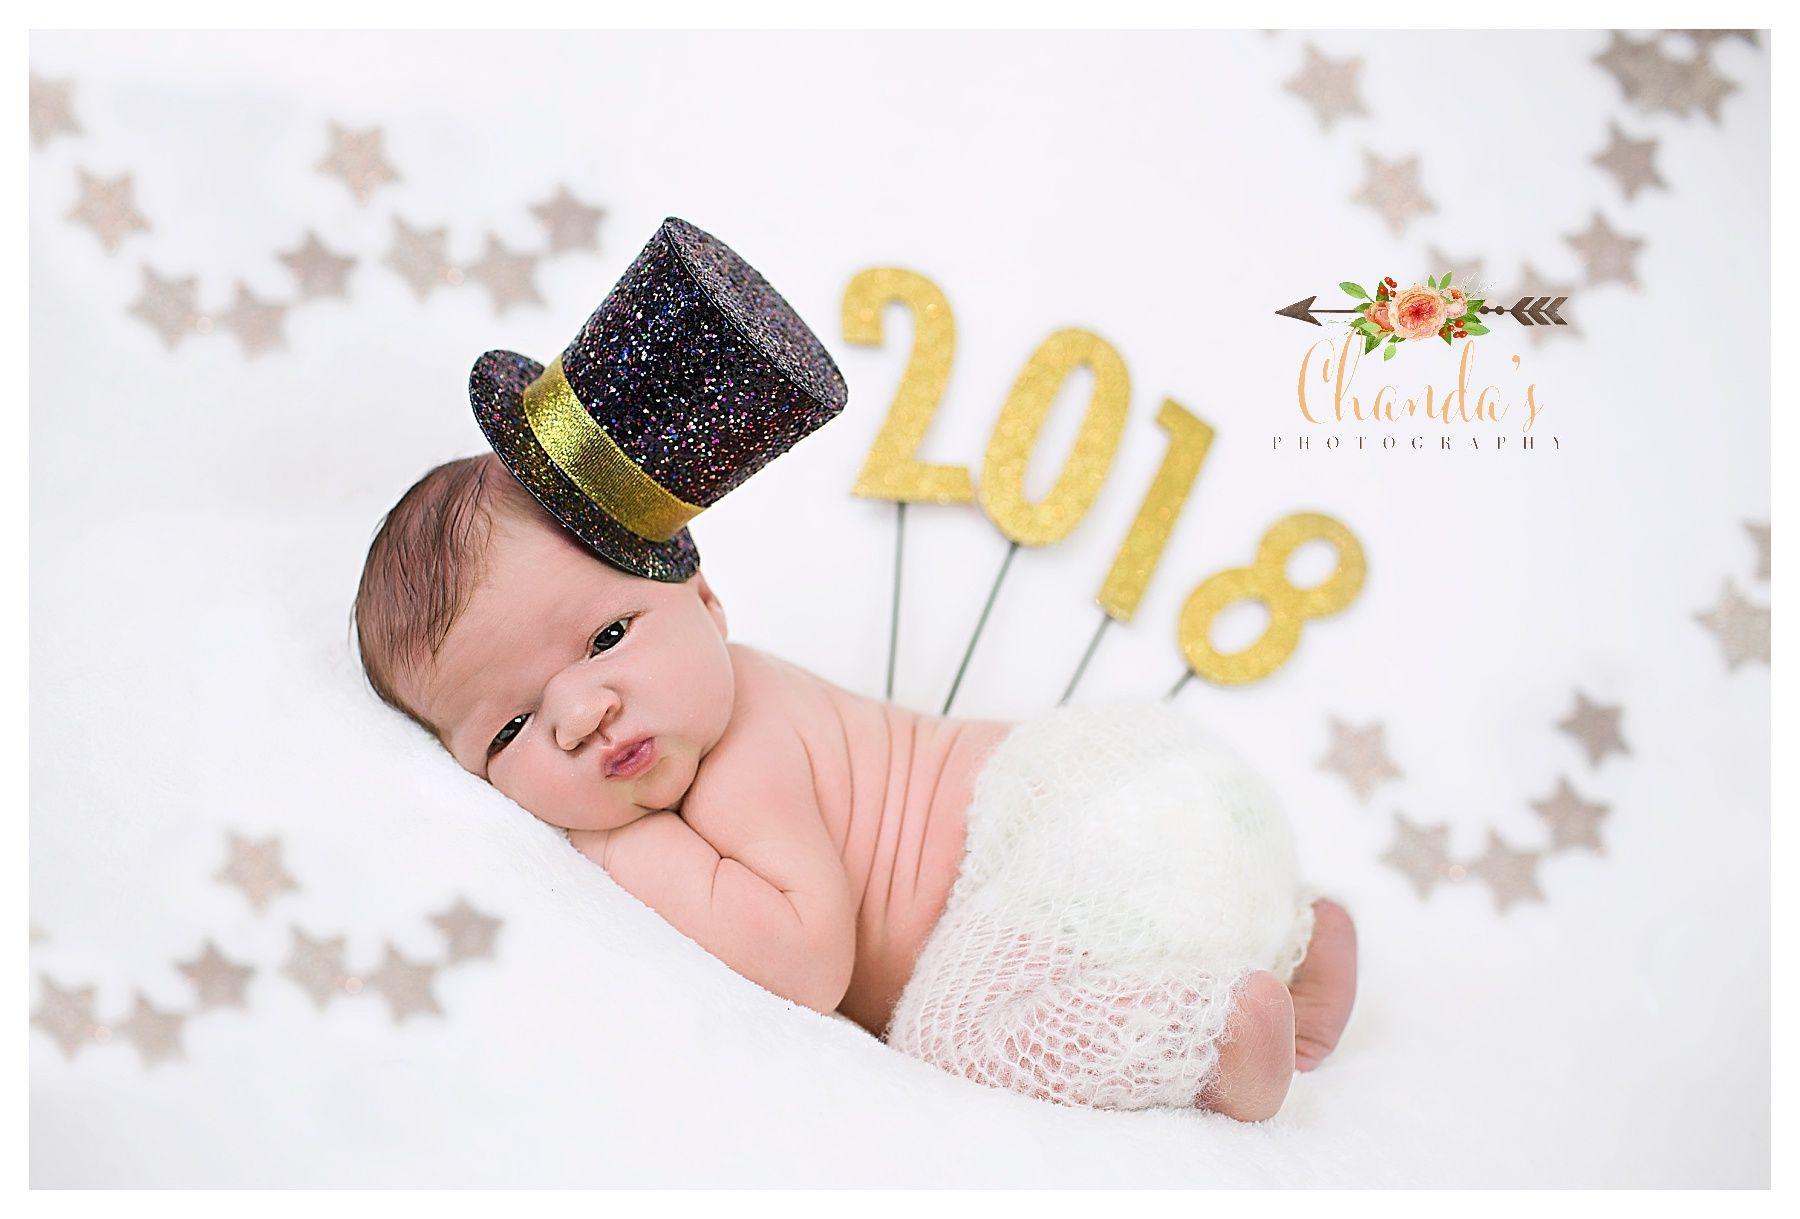 Happy New Year Newborn 2018 Happy new year baby, Newborn